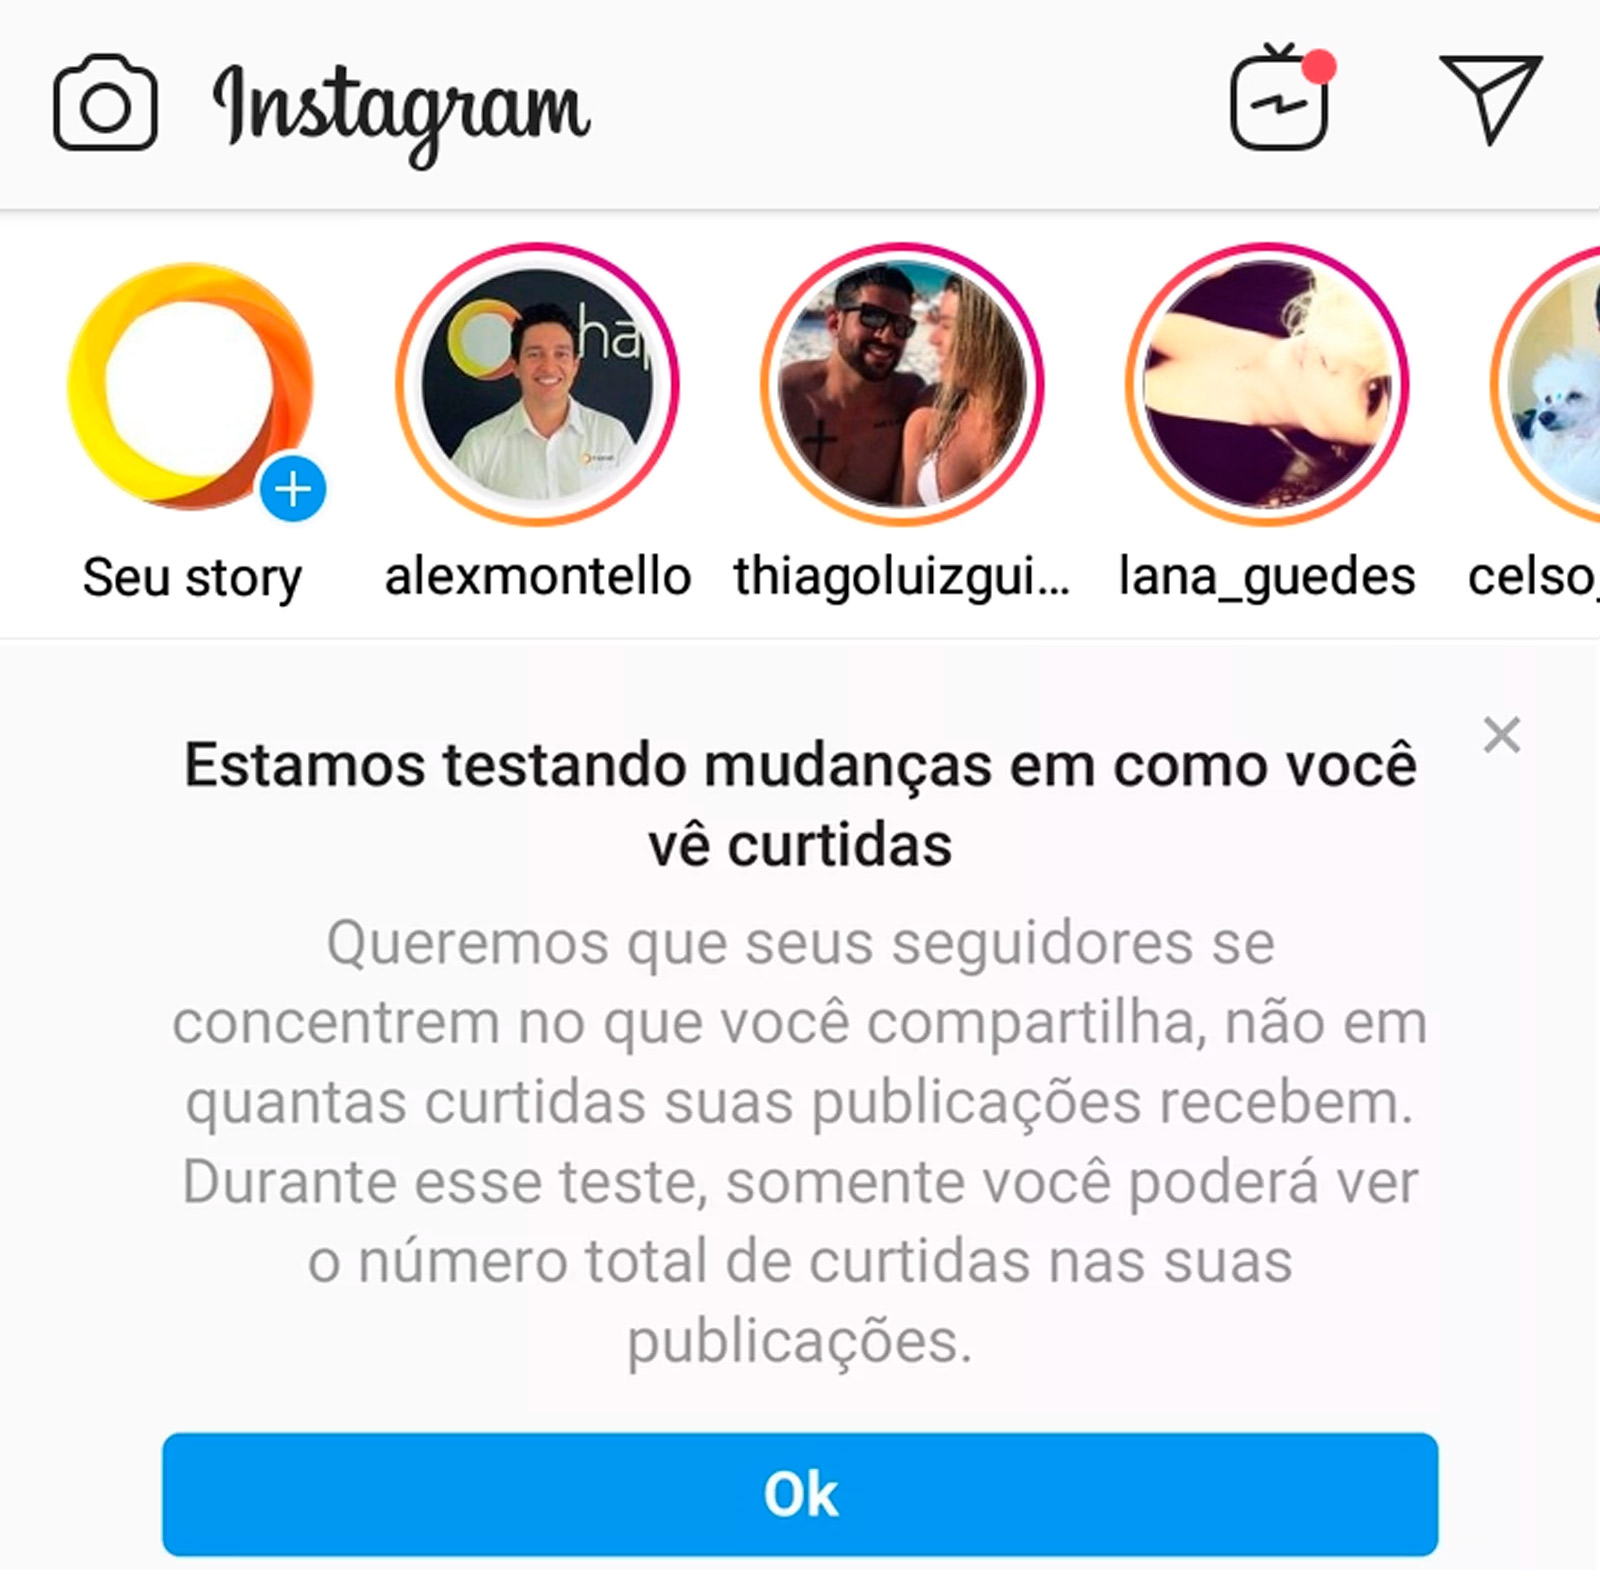 O Instagram está realizando um teste ocultando as curtidas no Instagram